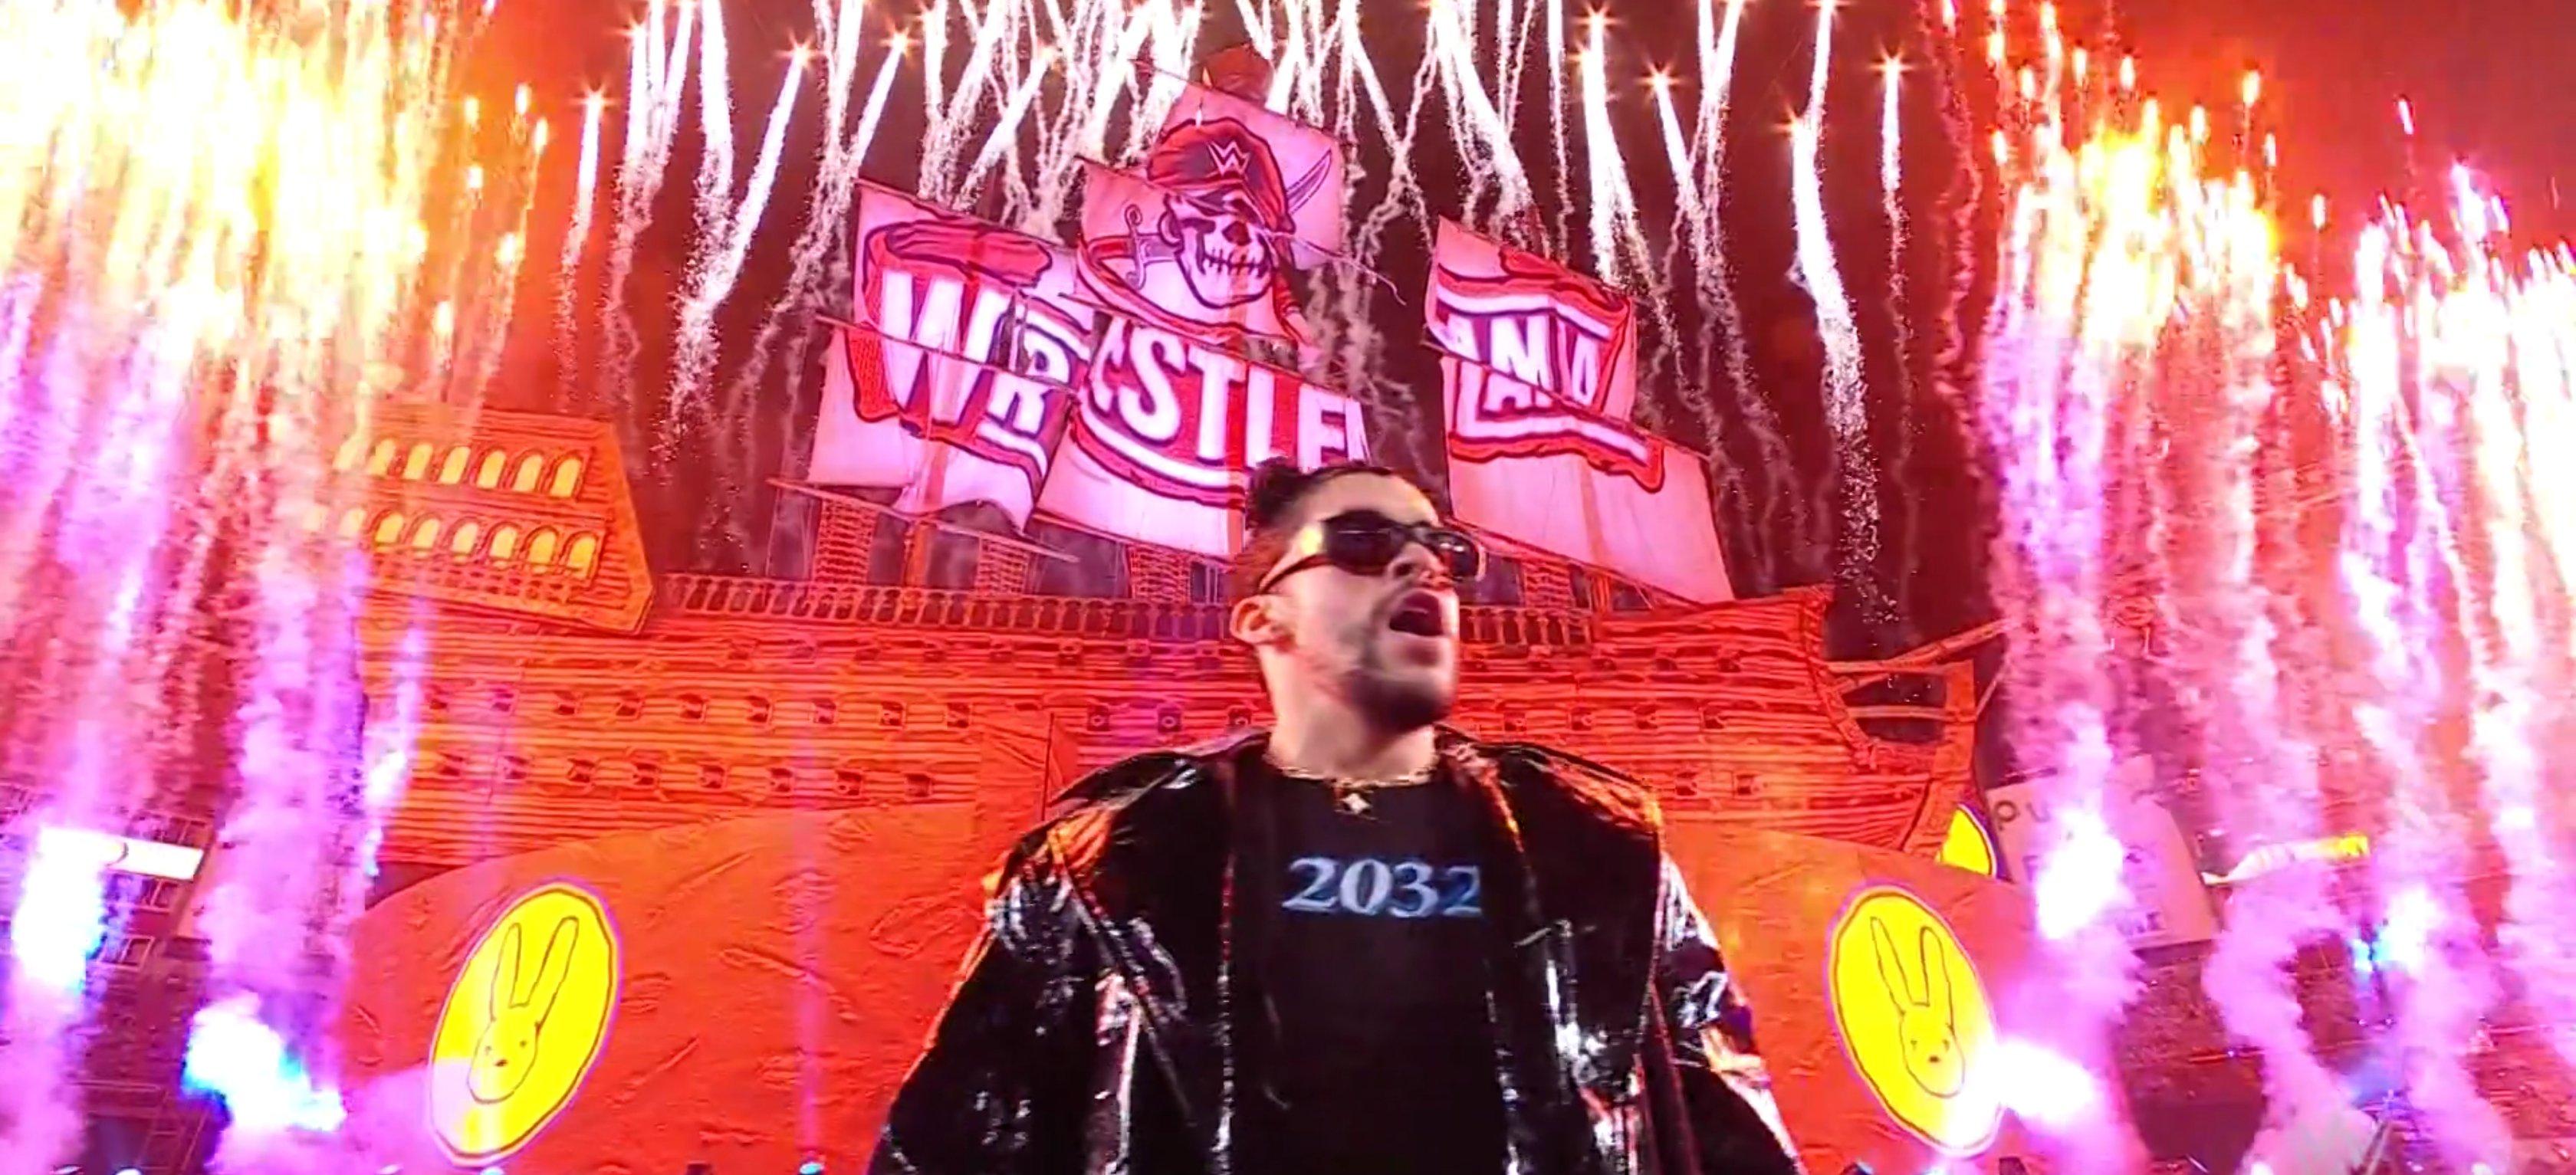 Bad Bunny at WrestleMania 37